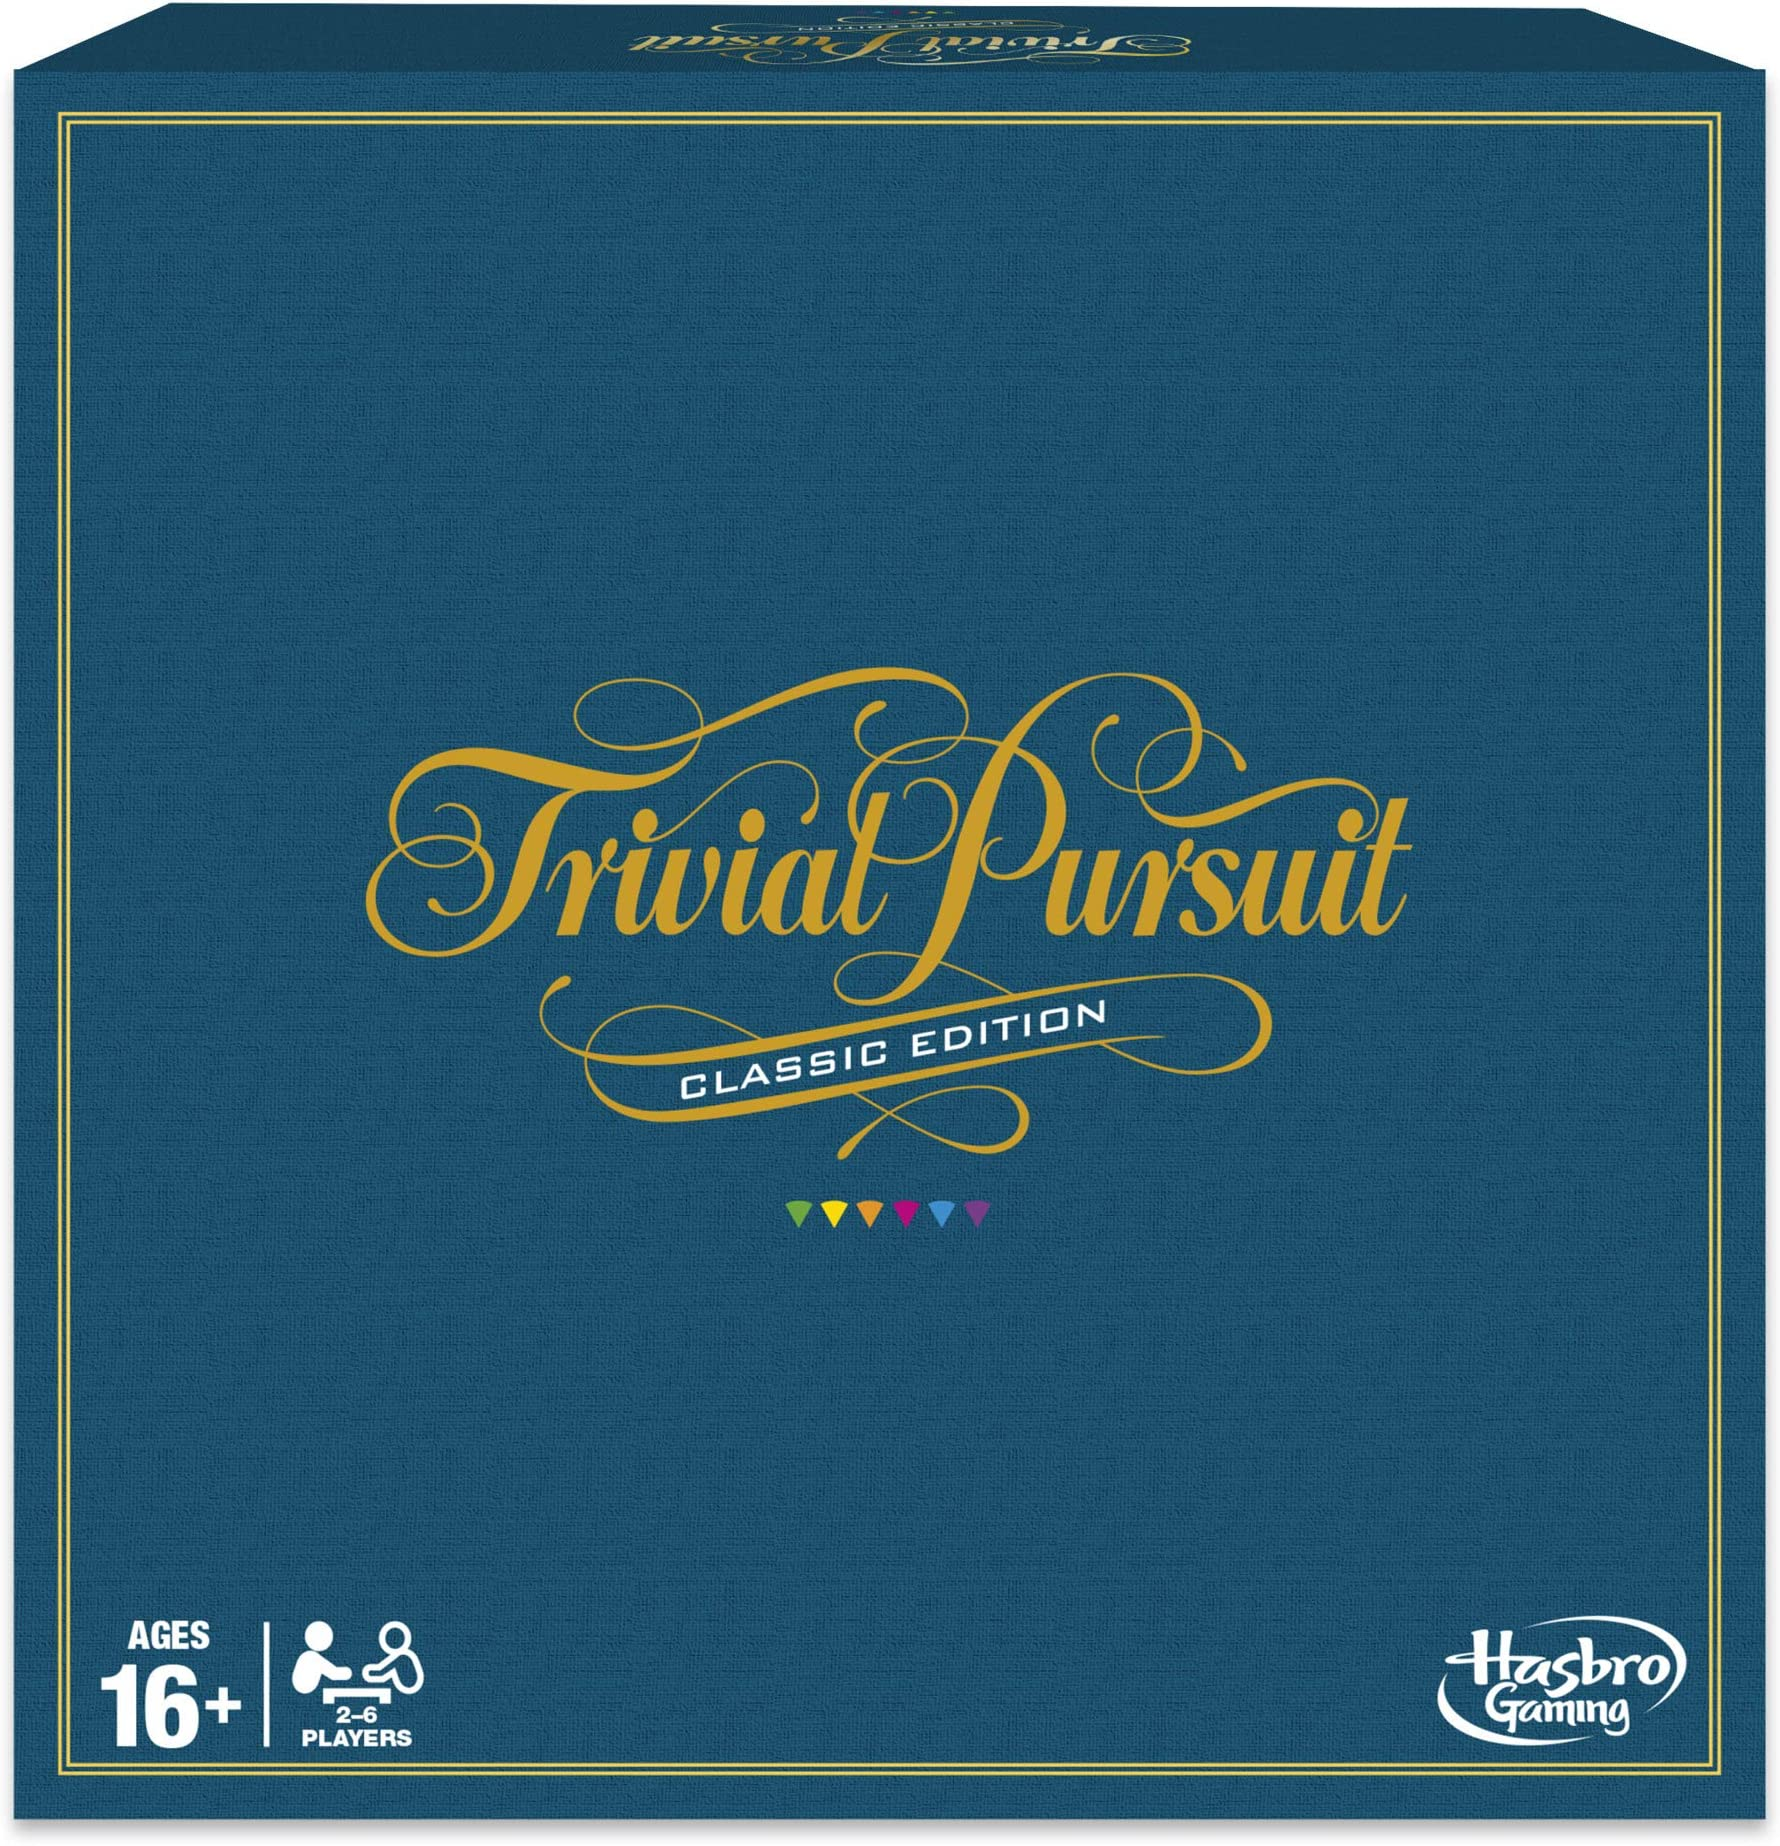 Vintage Trival Pursuit Genius Edition